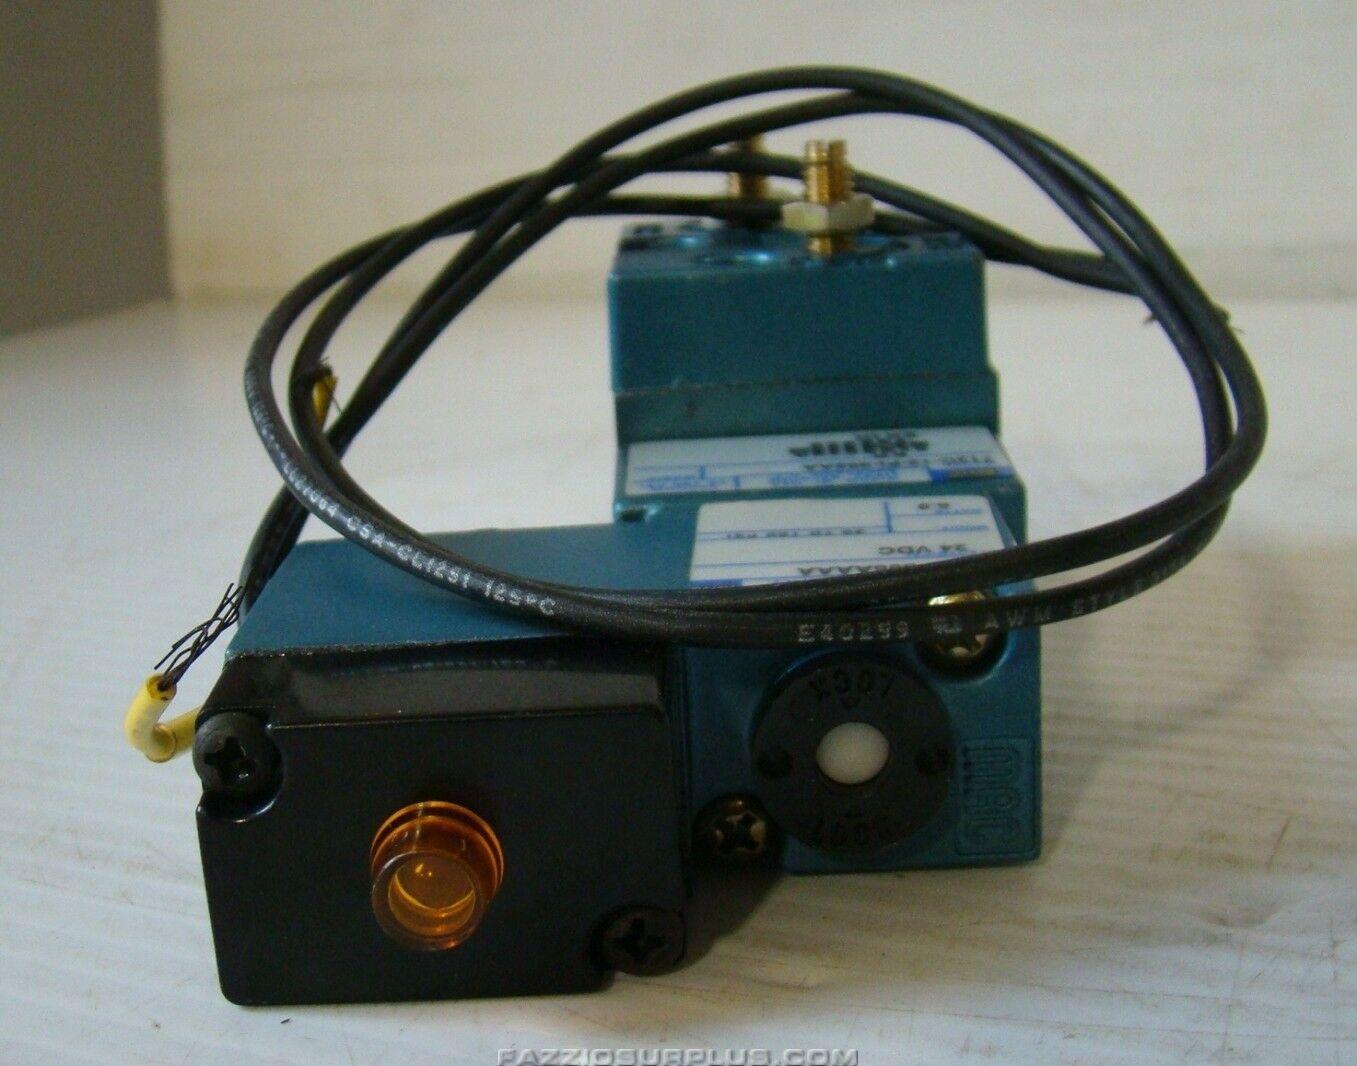 Valve Mac 712-12-PI-506AA PID-506AAAA